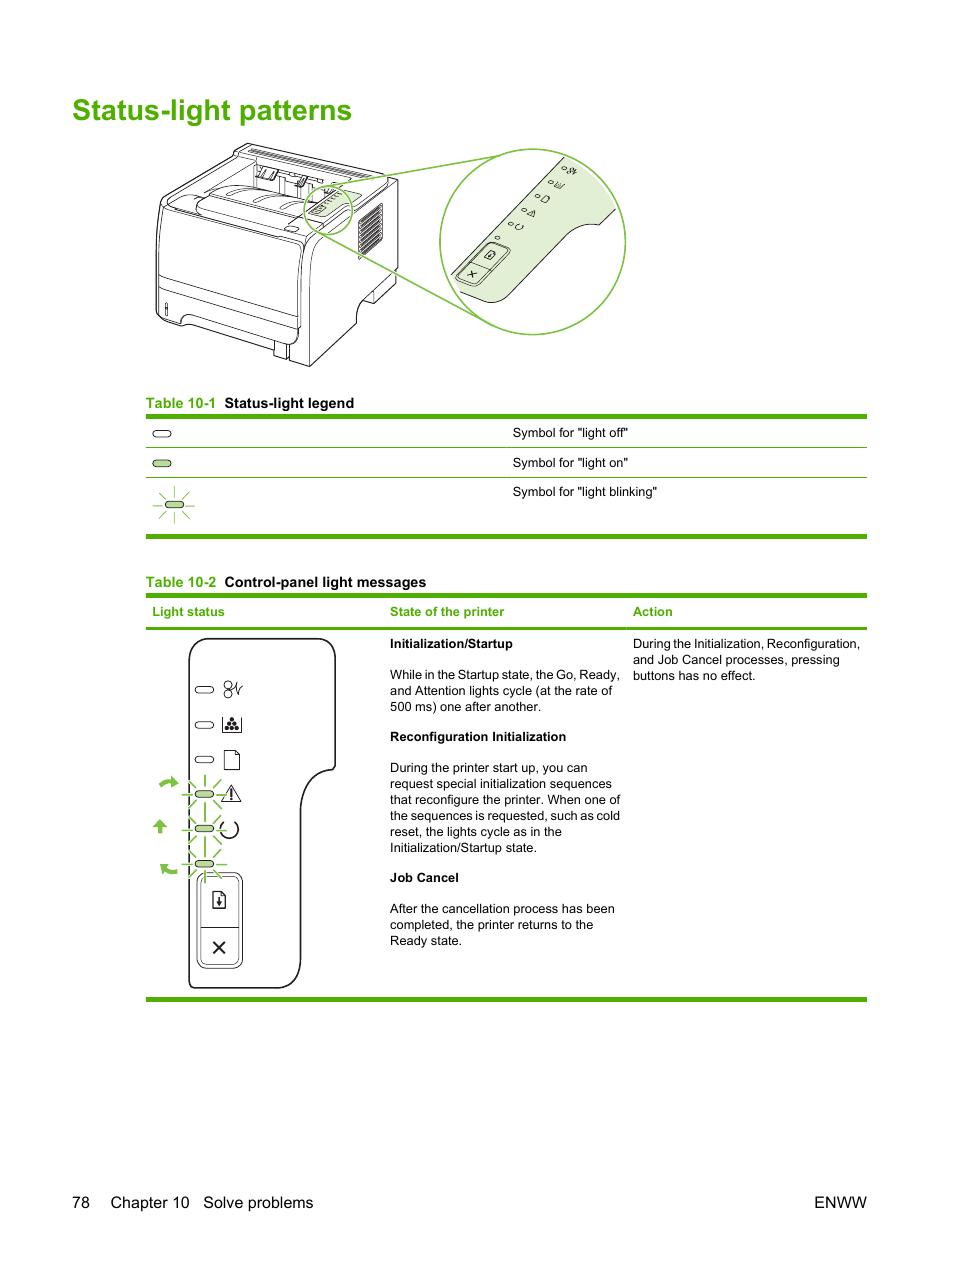 Status-light patterns | HP LaserJet P2035 User Manual | Page